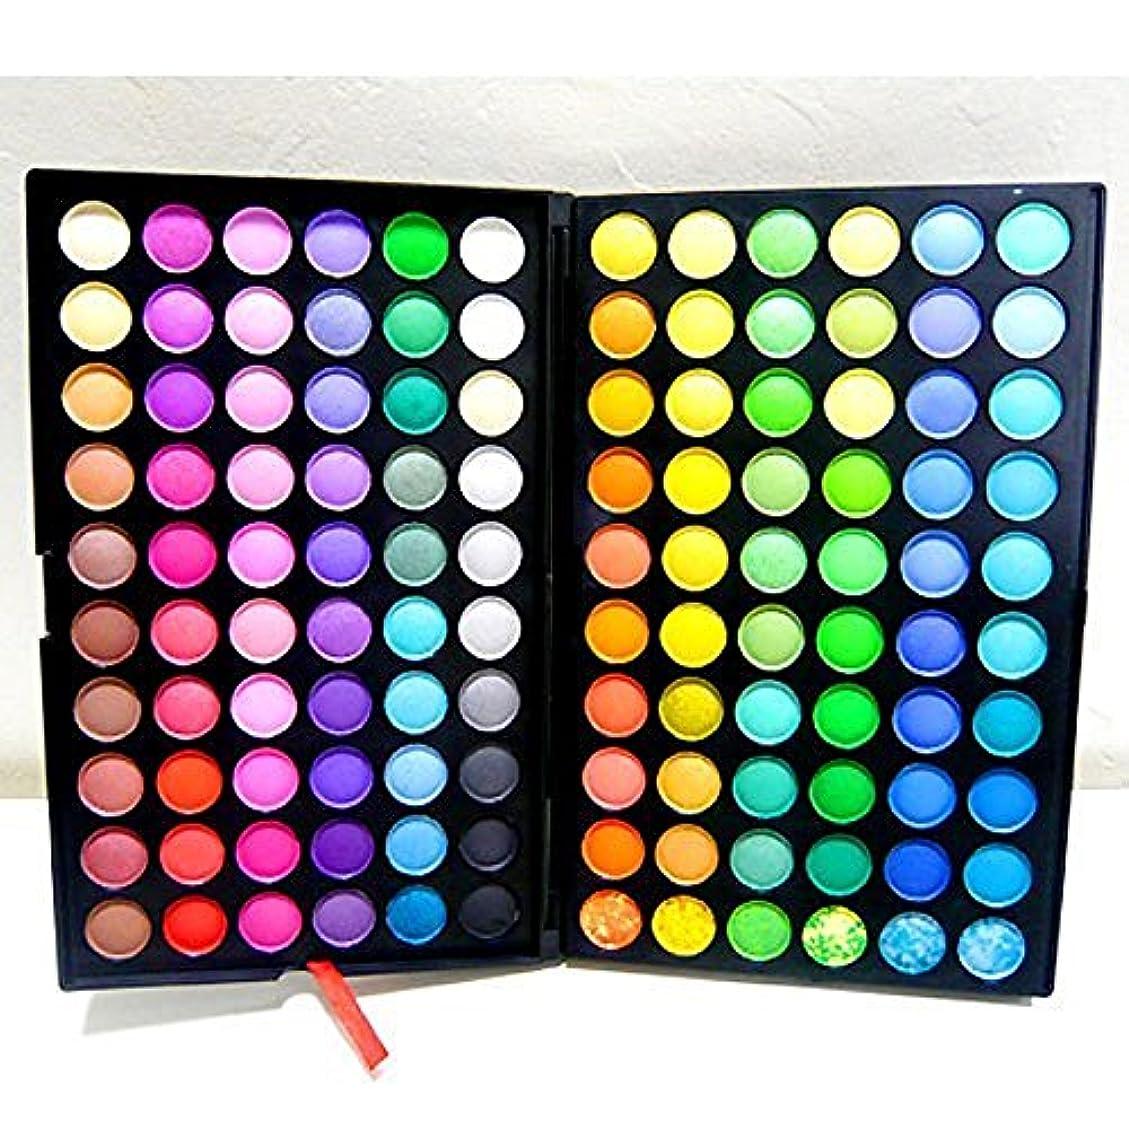 疑問に思う読みやすい気候入荷しました【LuxuryRose】発色が素晴らしい!120カラーアイシャドウパレット